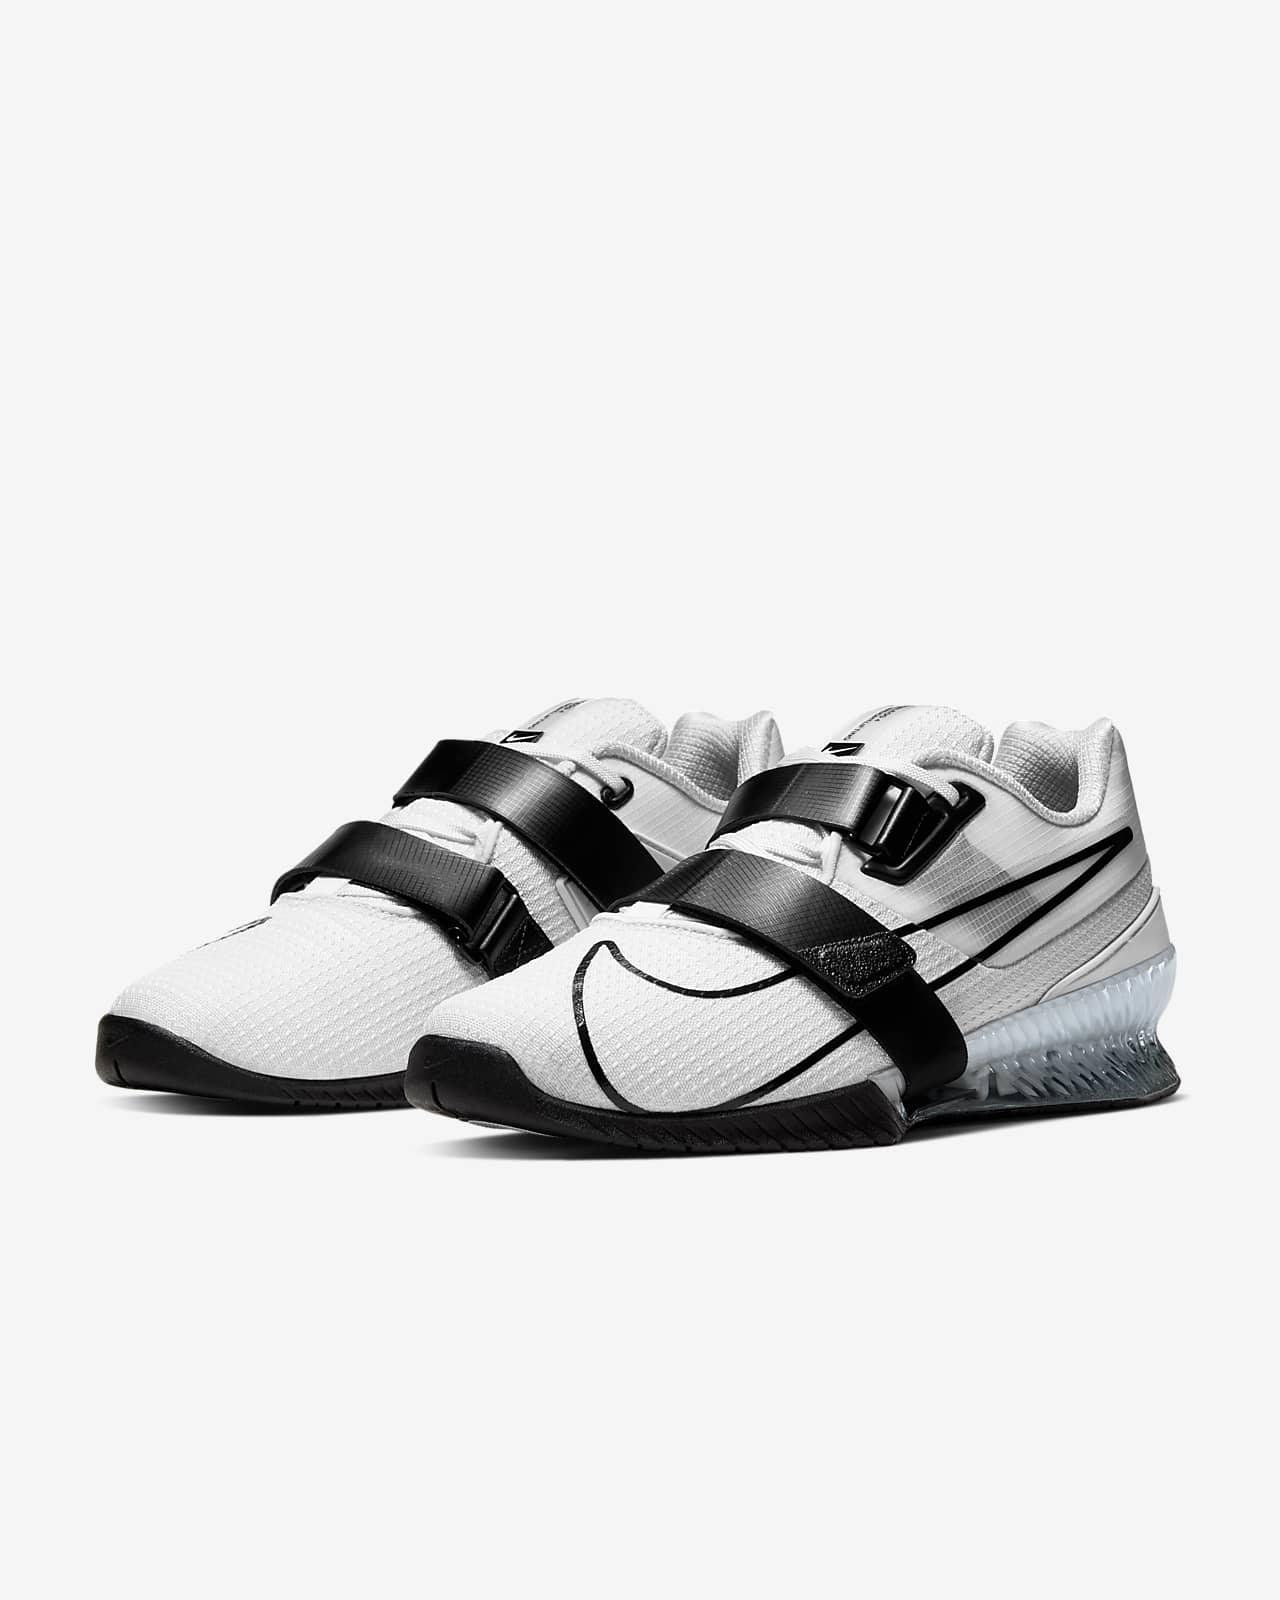 Nike Romaleos 4 Training Shoe